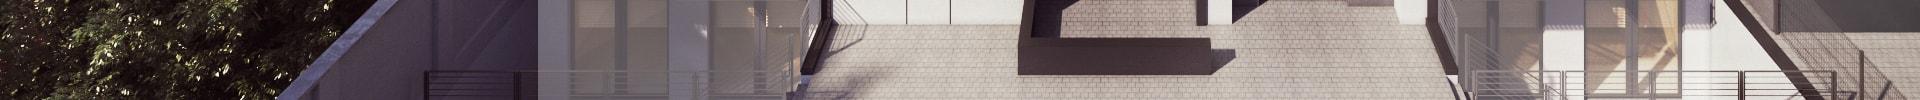 ps2 07 - Strona główna